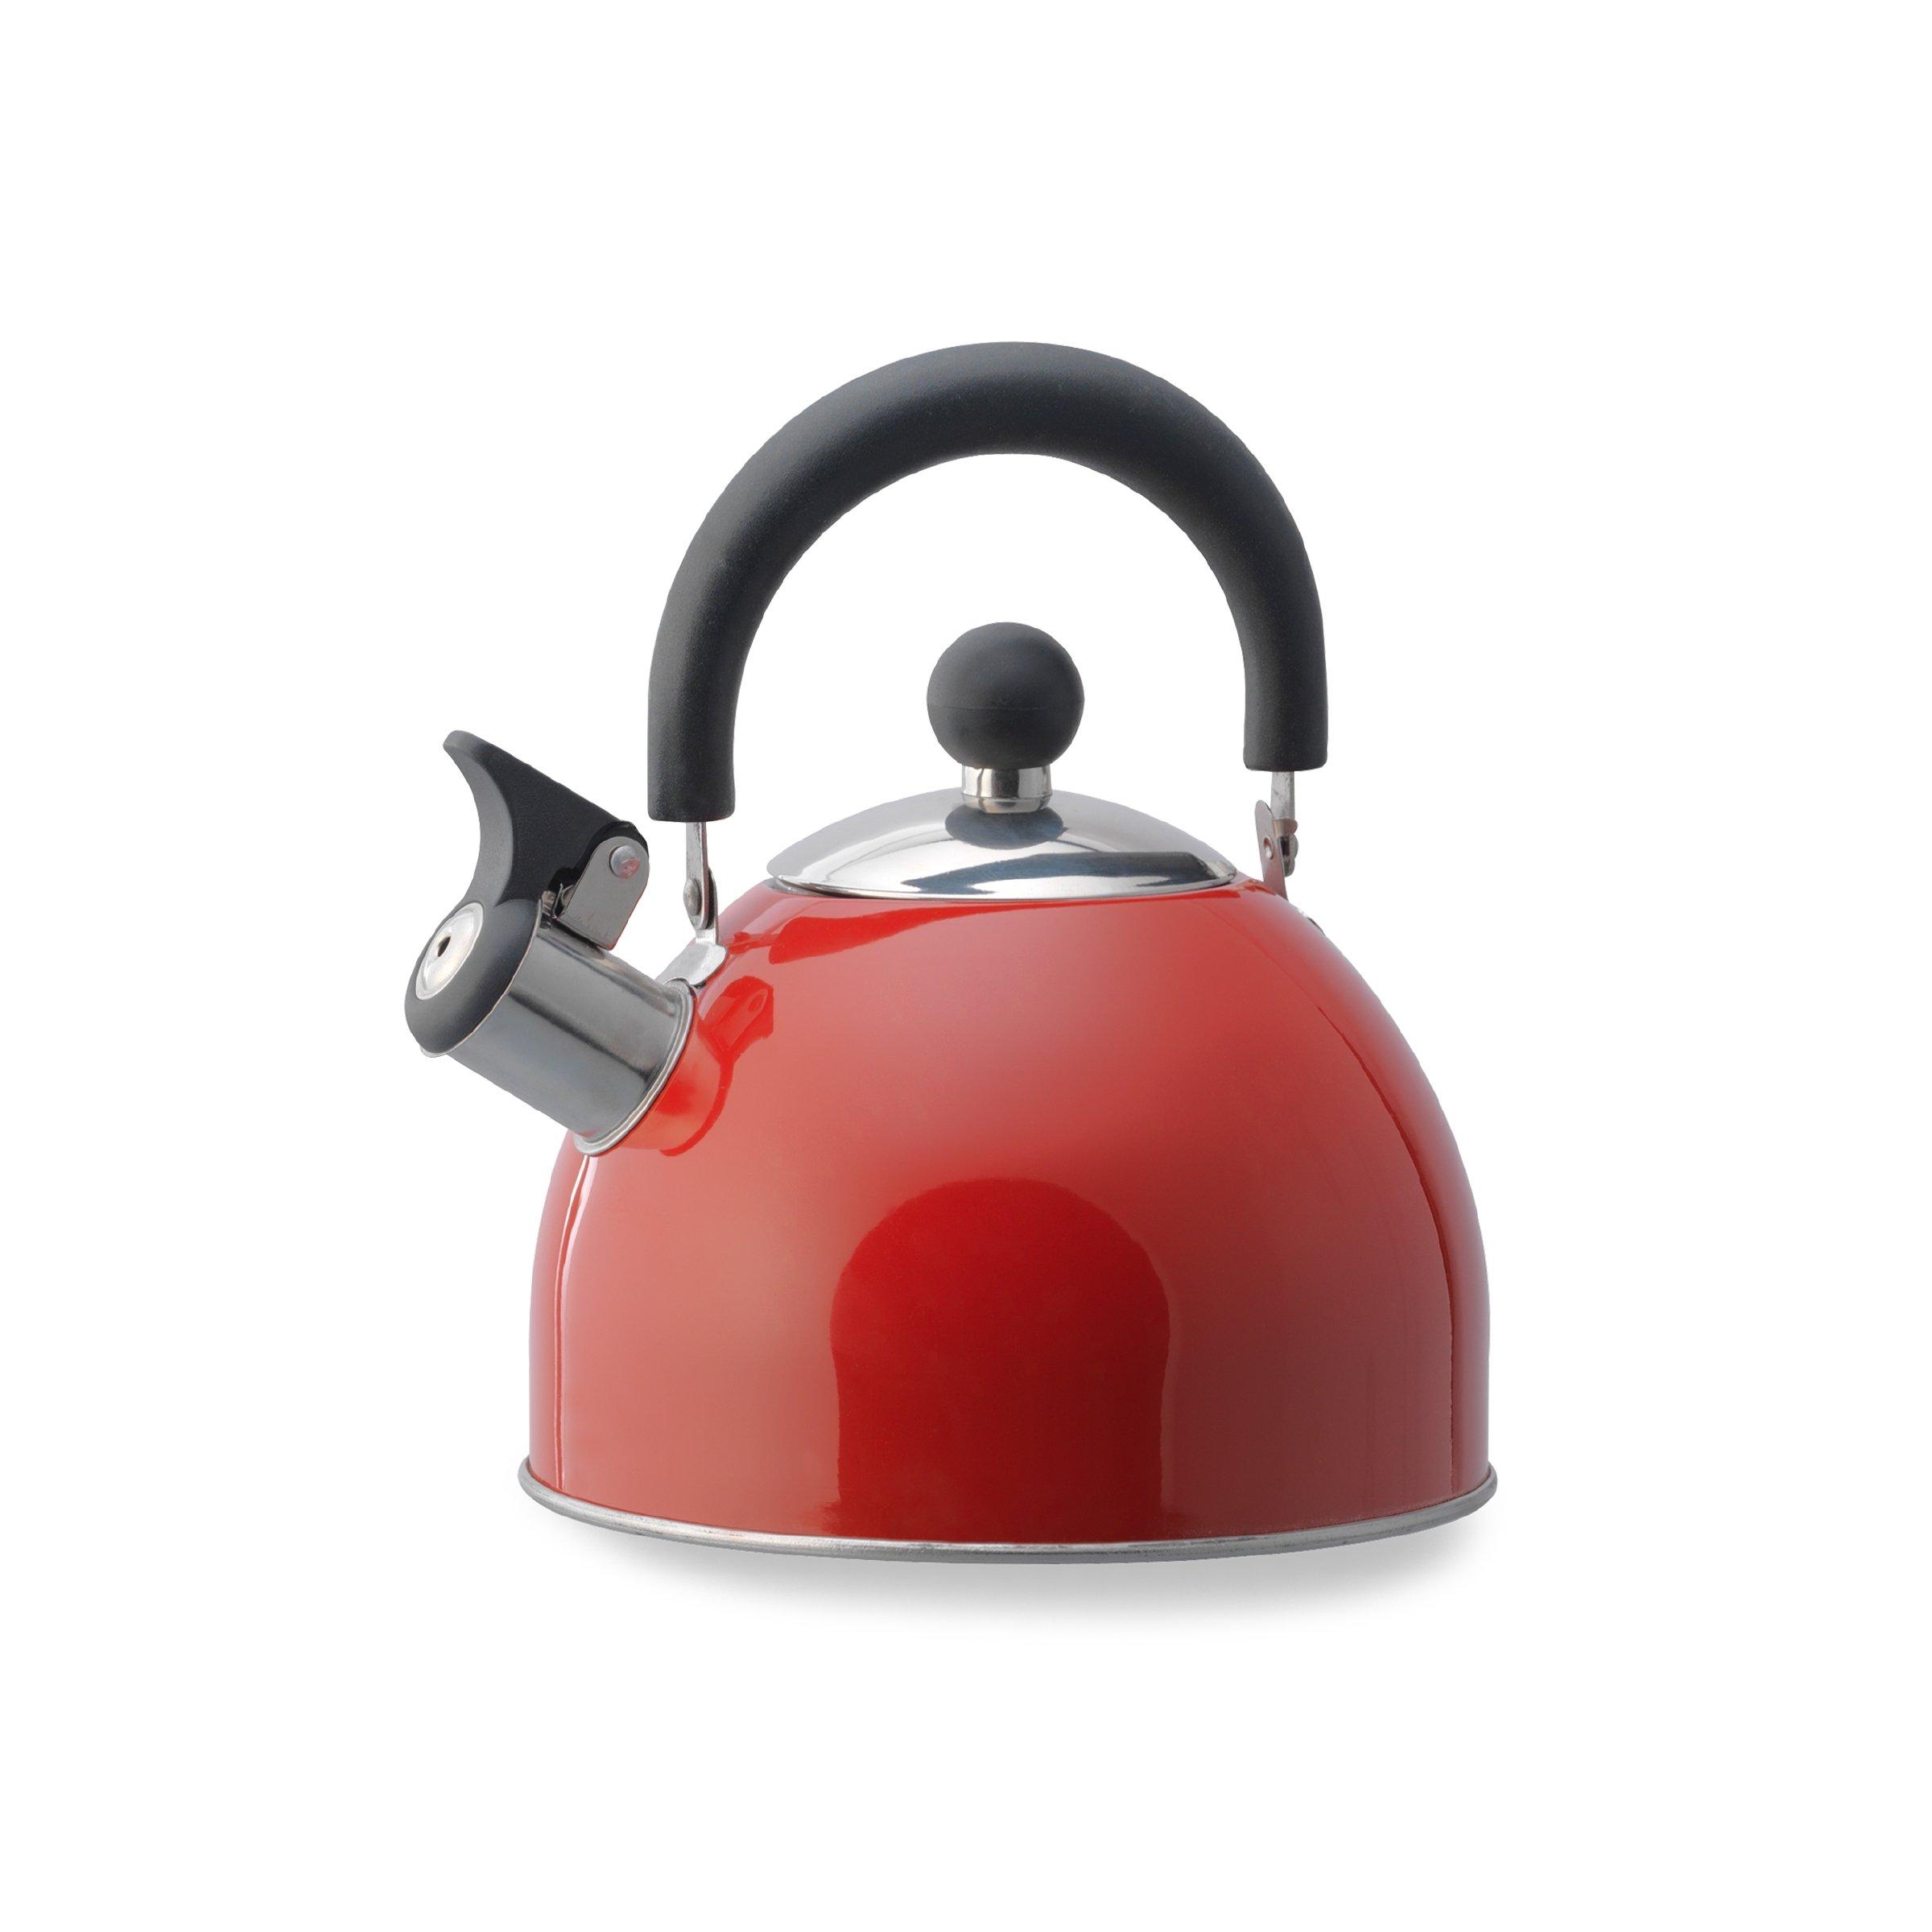 Kamenstein 5071099 Whistle Stainless Steel Tea Kettle 2-Quart, Red